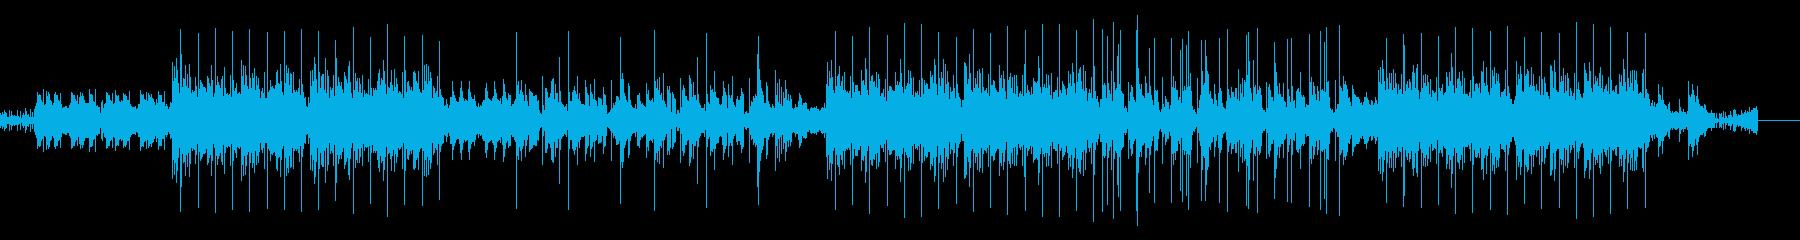 昔のレコードみたいな音質 ヒップホップ風の再生済みの波形